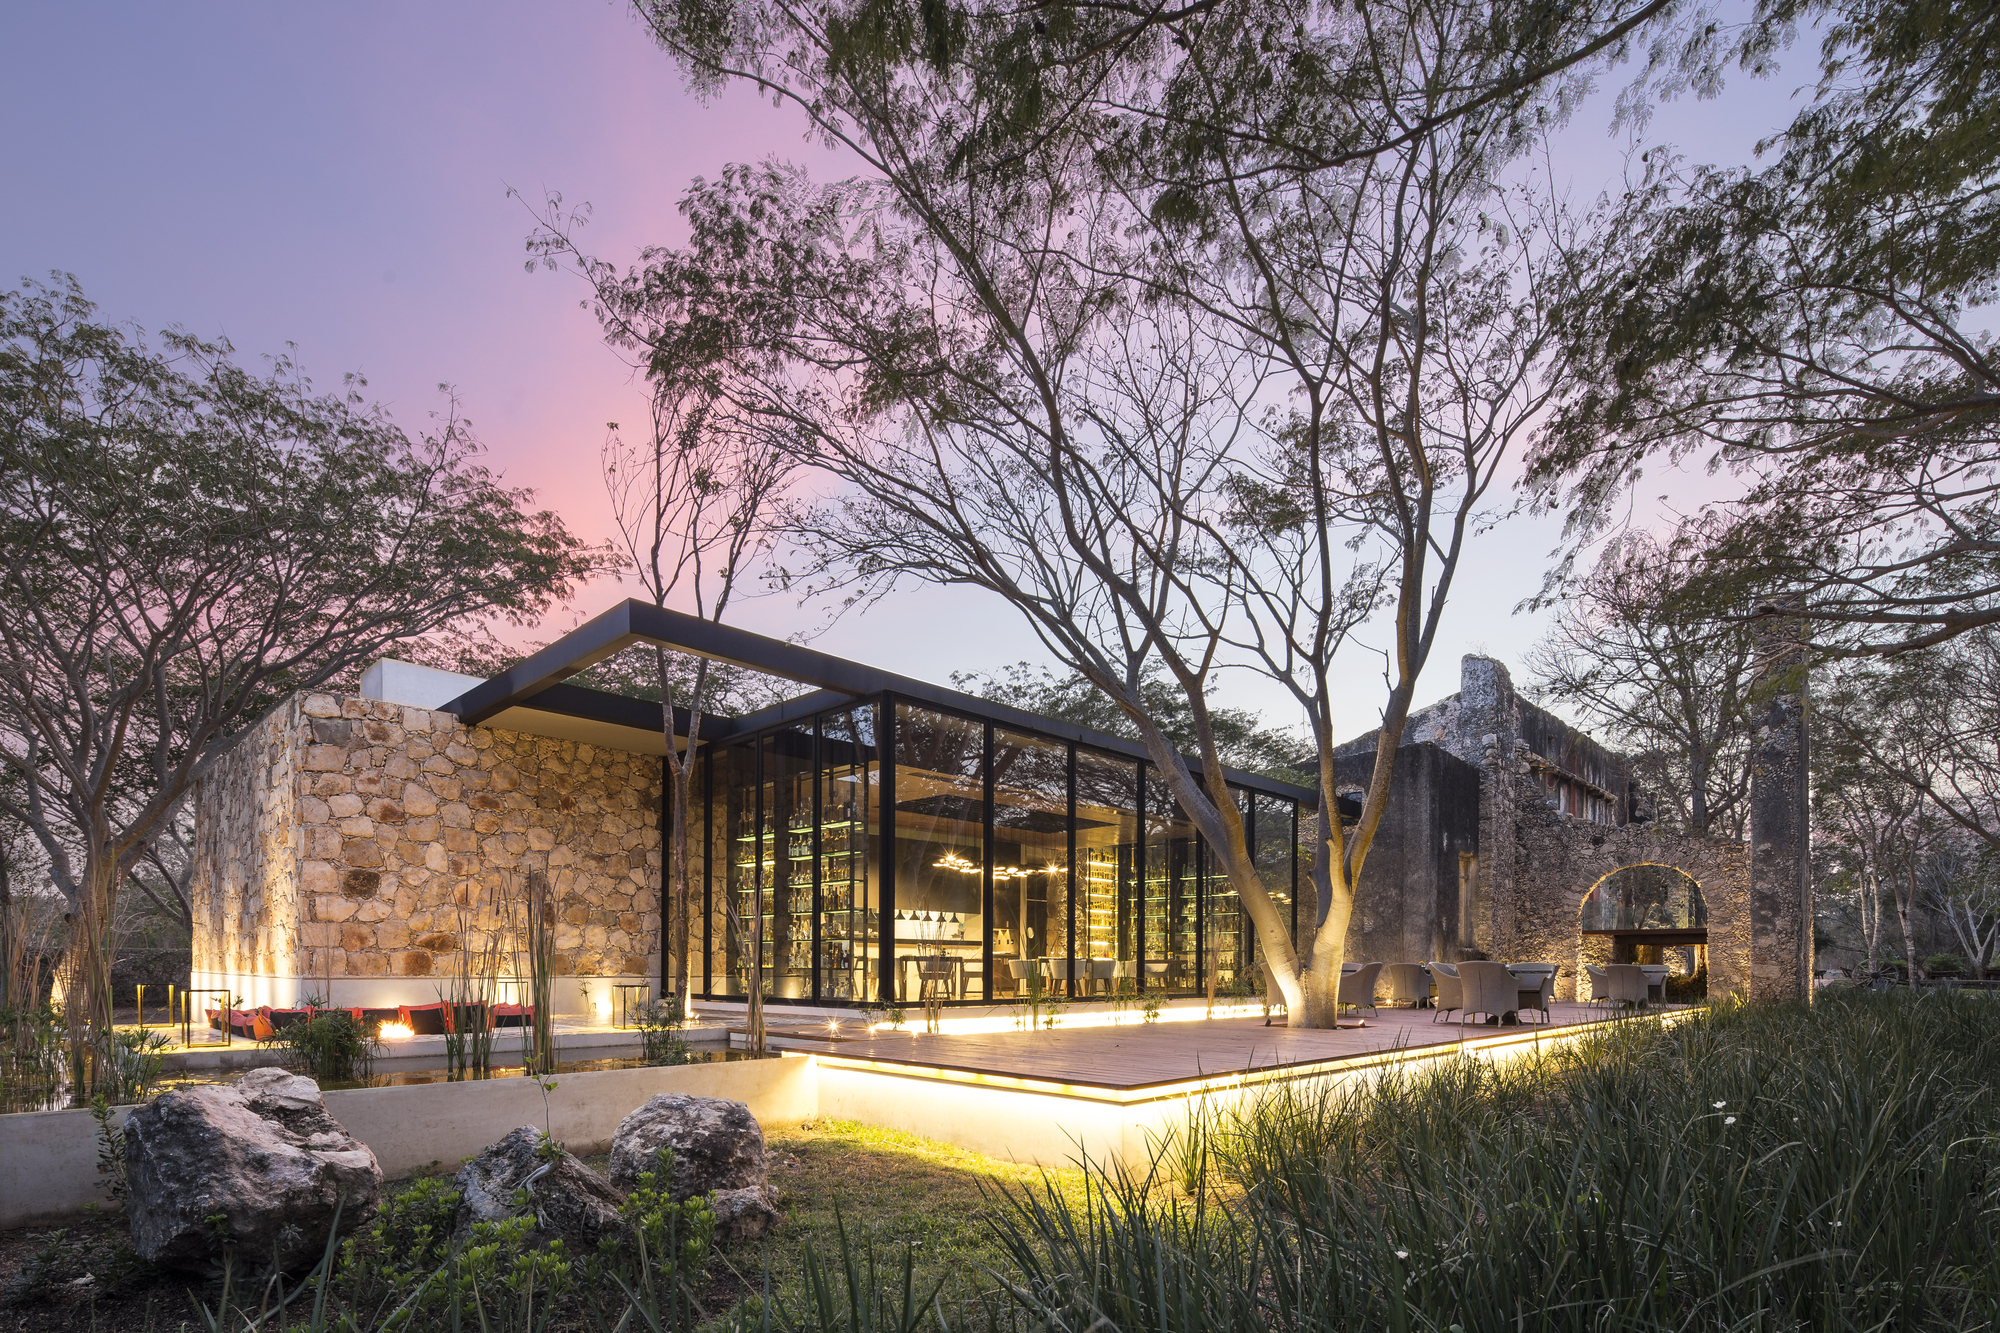 Ixi im restaurant jorge bolio arquitectura lavalle for Restaurante arquitectura